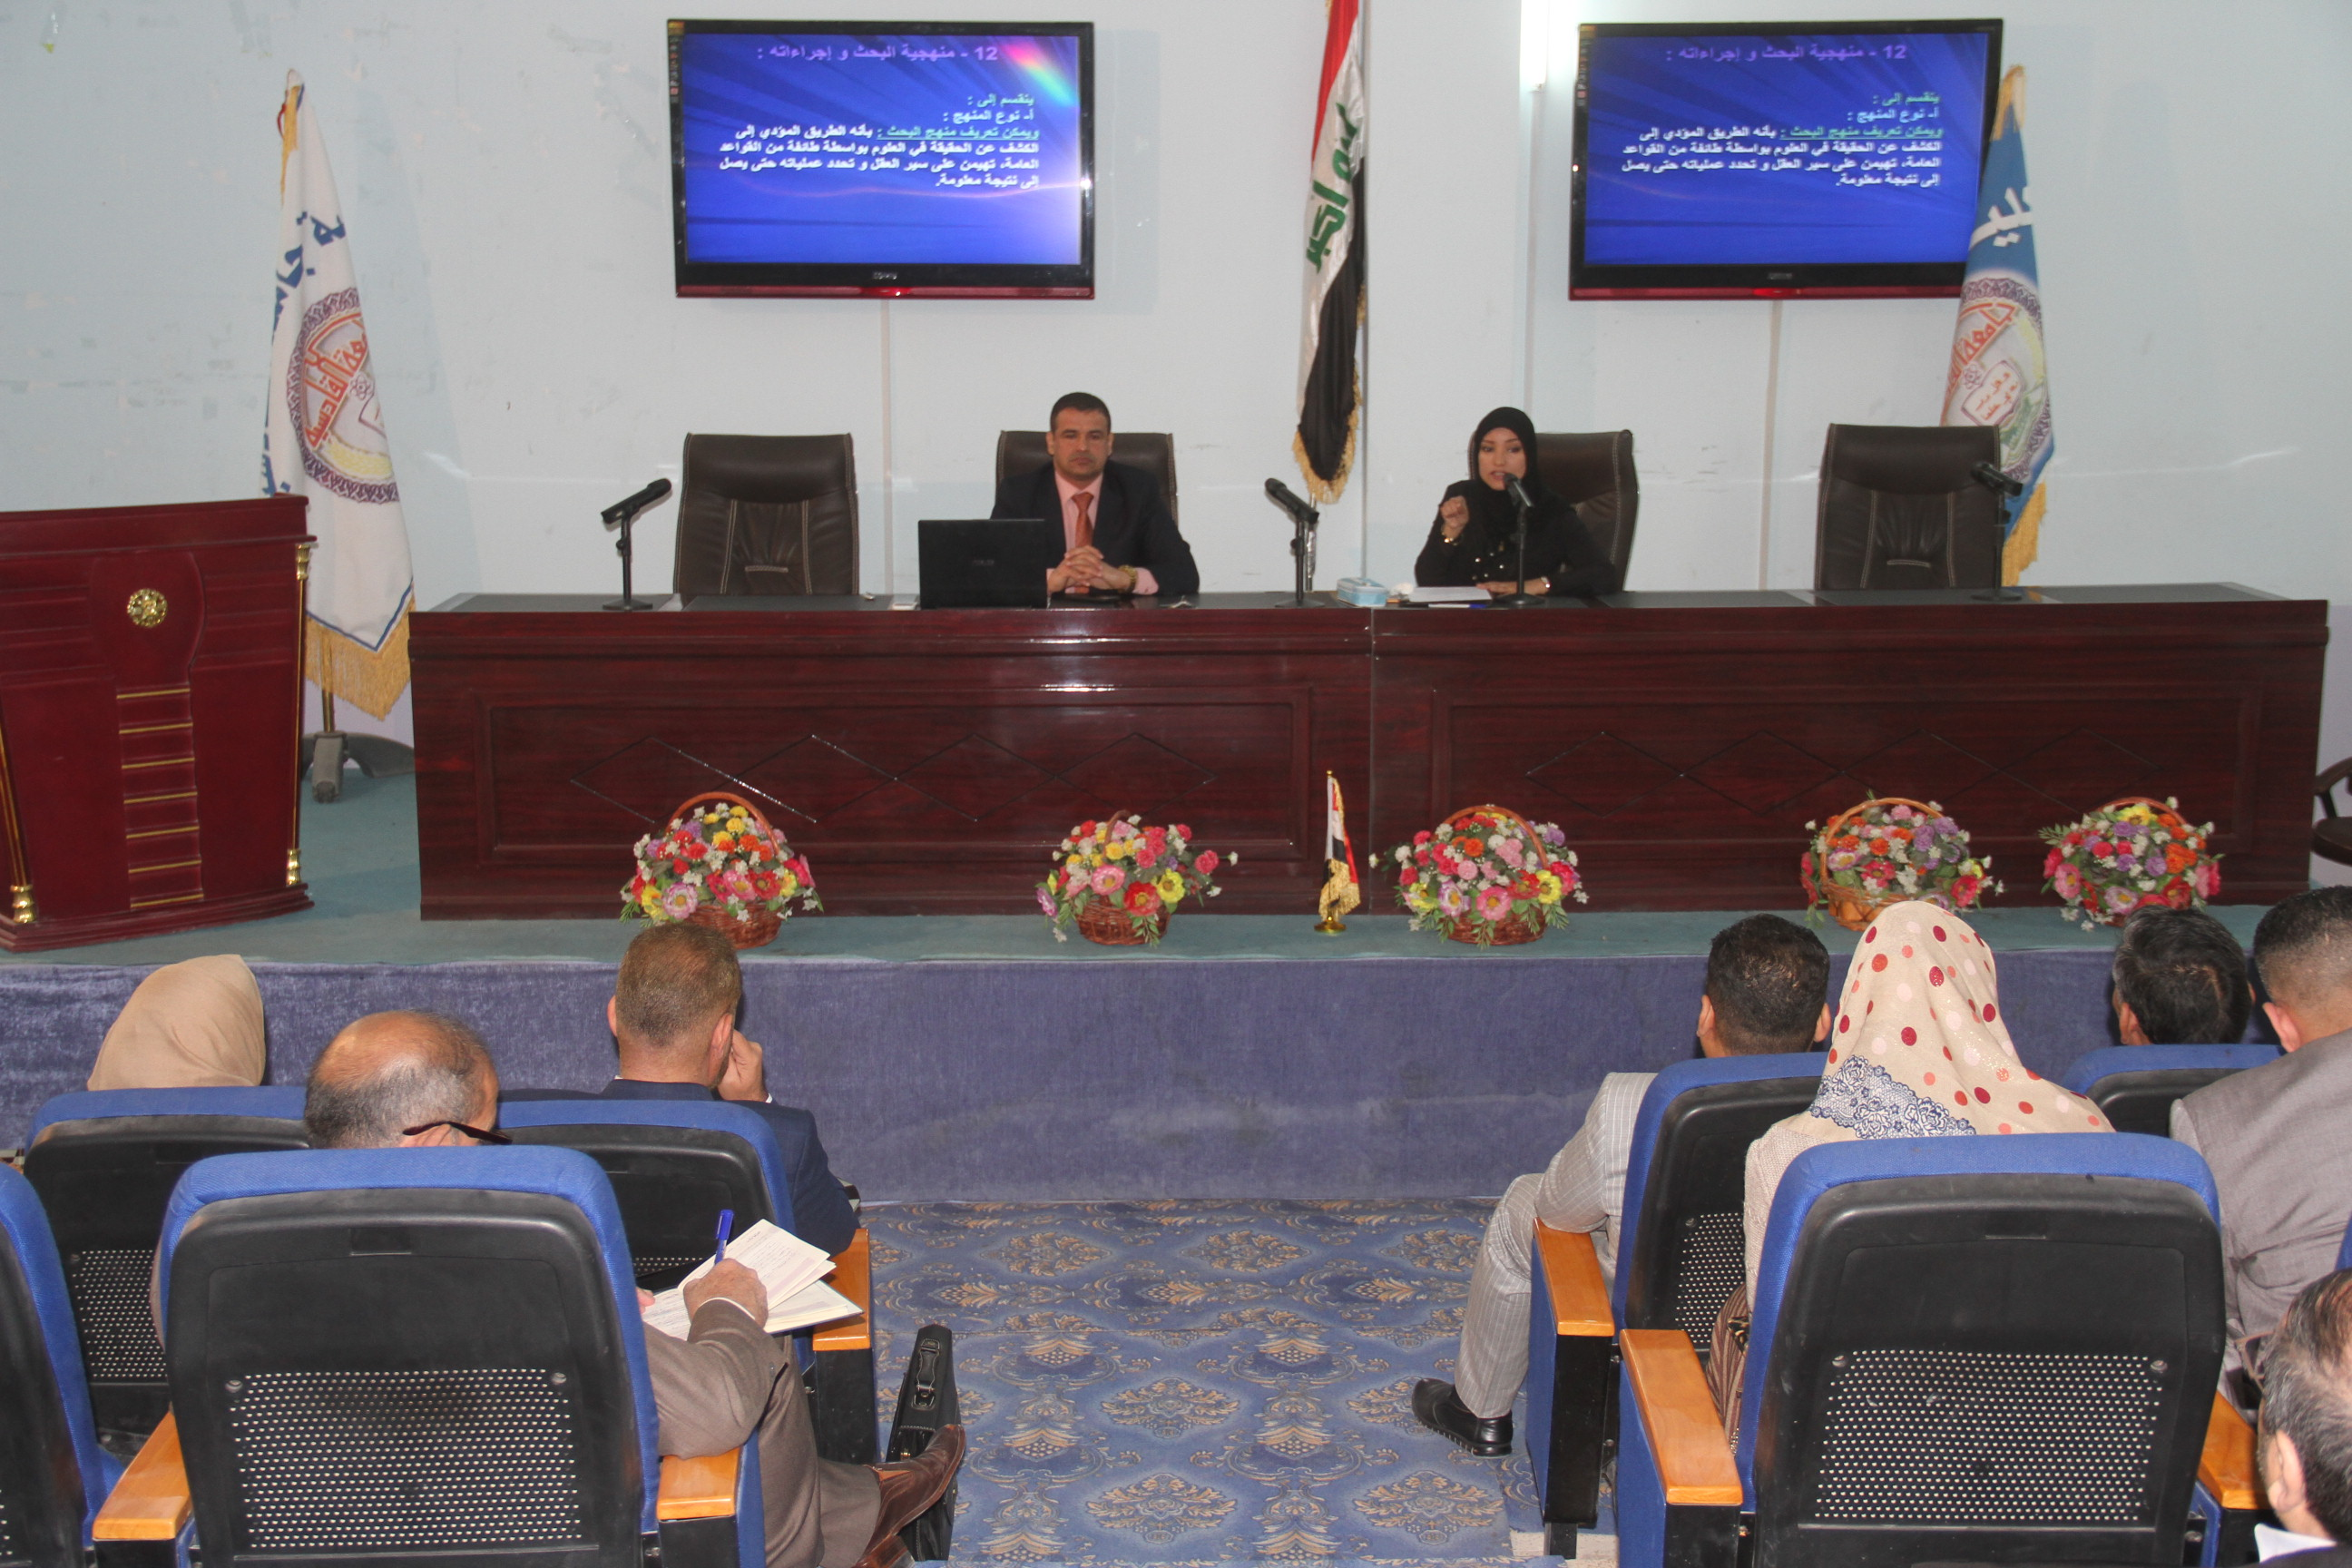 كلية القانون / جامعة القادسية تعقد ورشة عمل بعنوان (اسس كتابة البحث العلمي للبحوث والرسائل الجامعية)